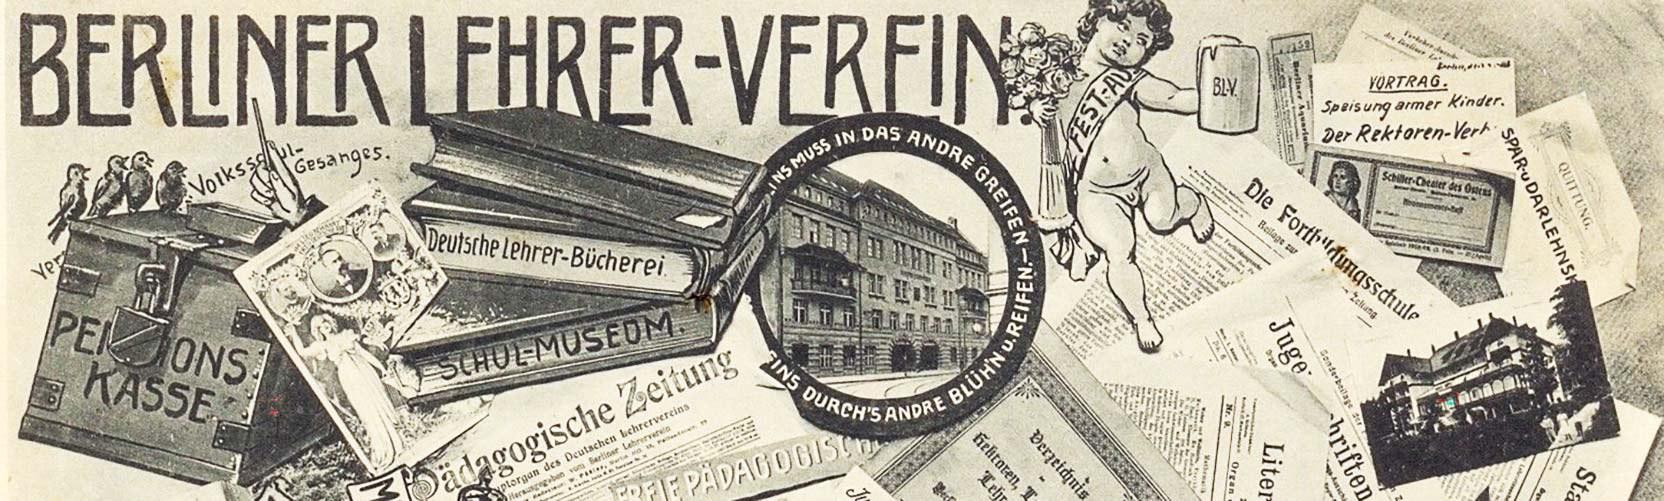 Postkarte Berliner Lehrerverein